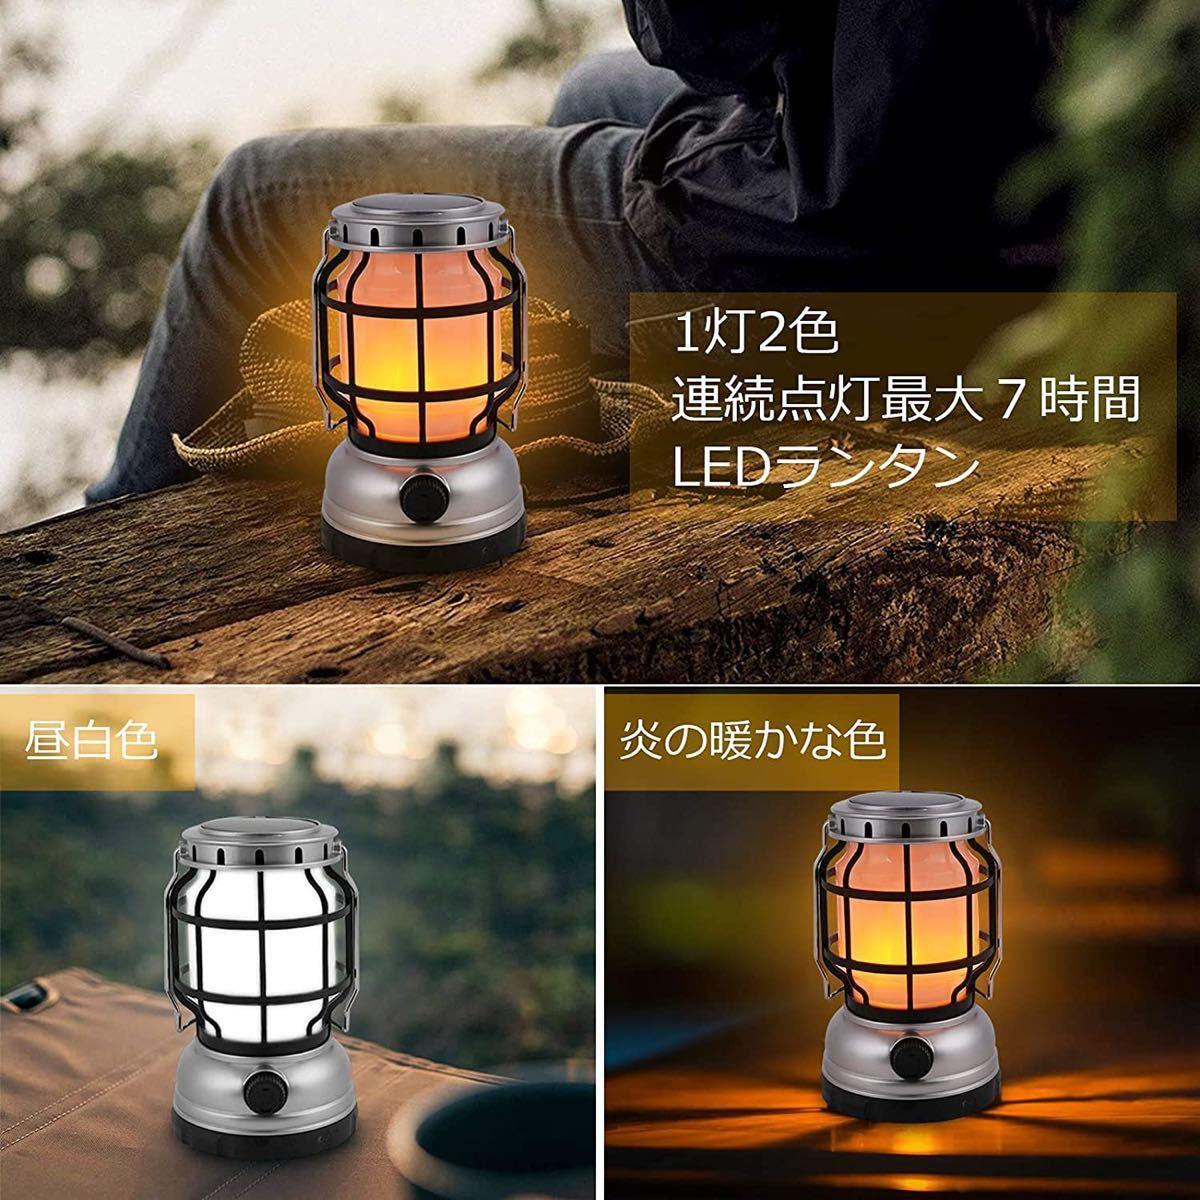 キャンプランタン LEDランタン無段階調光 暖色 昼白色 ソーラー充電USB充電